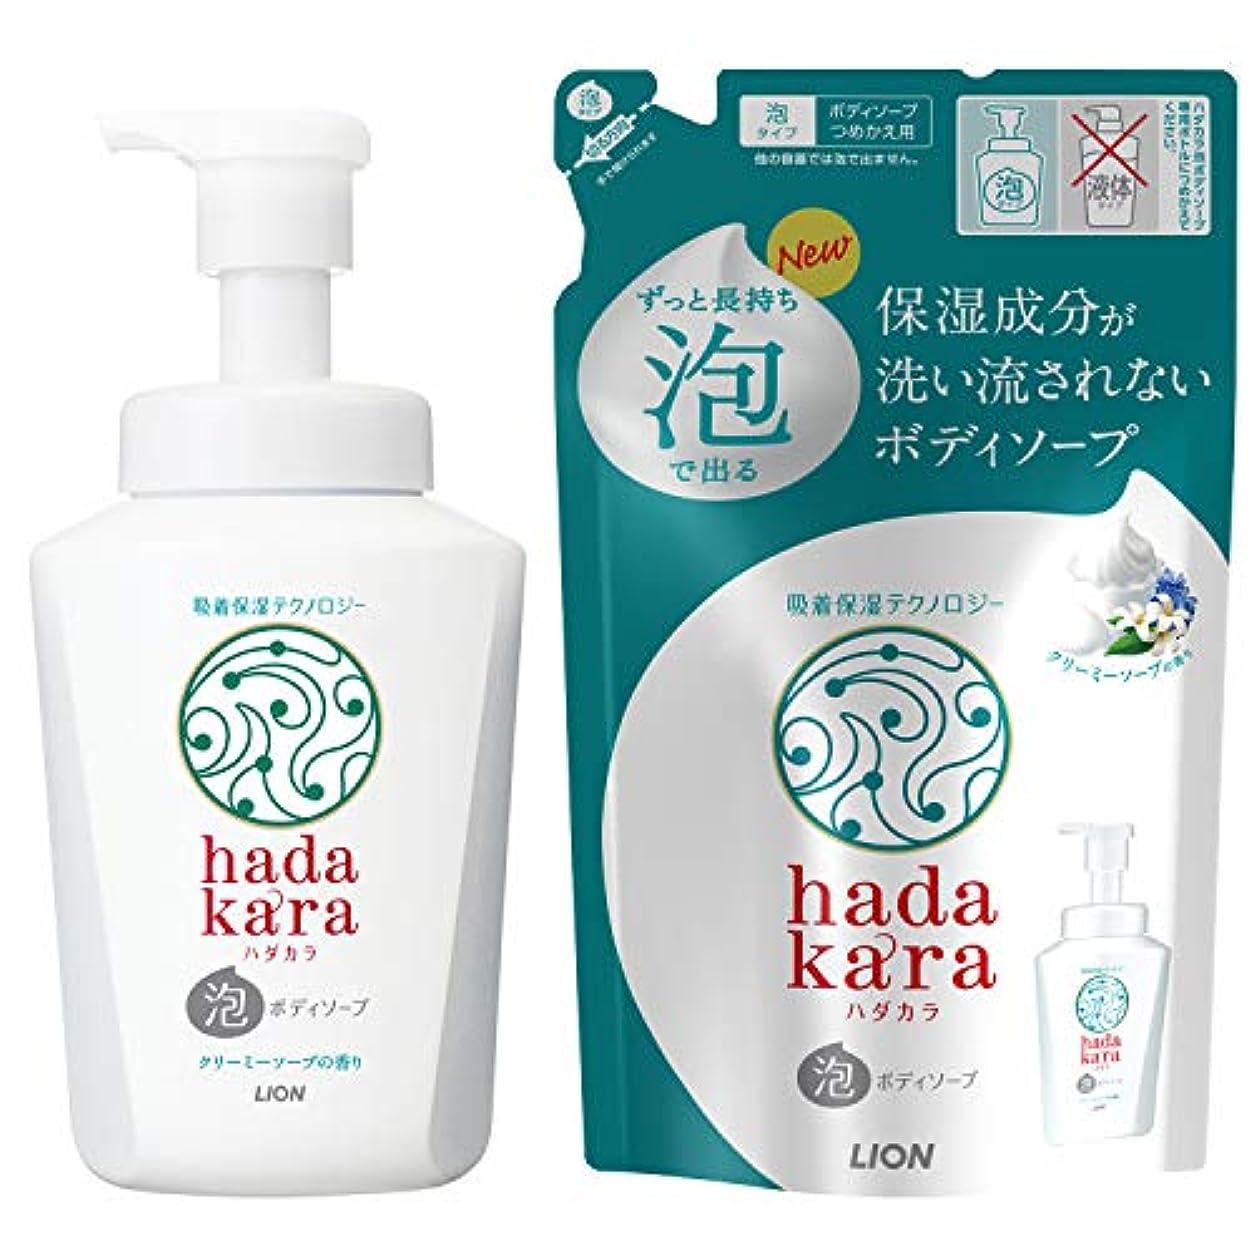 抵抗する常習者神聖hadakara(ハダカラ) ボディソープ 泡タイプ クリーミーソープの香り 本体550ml+詰替440ml